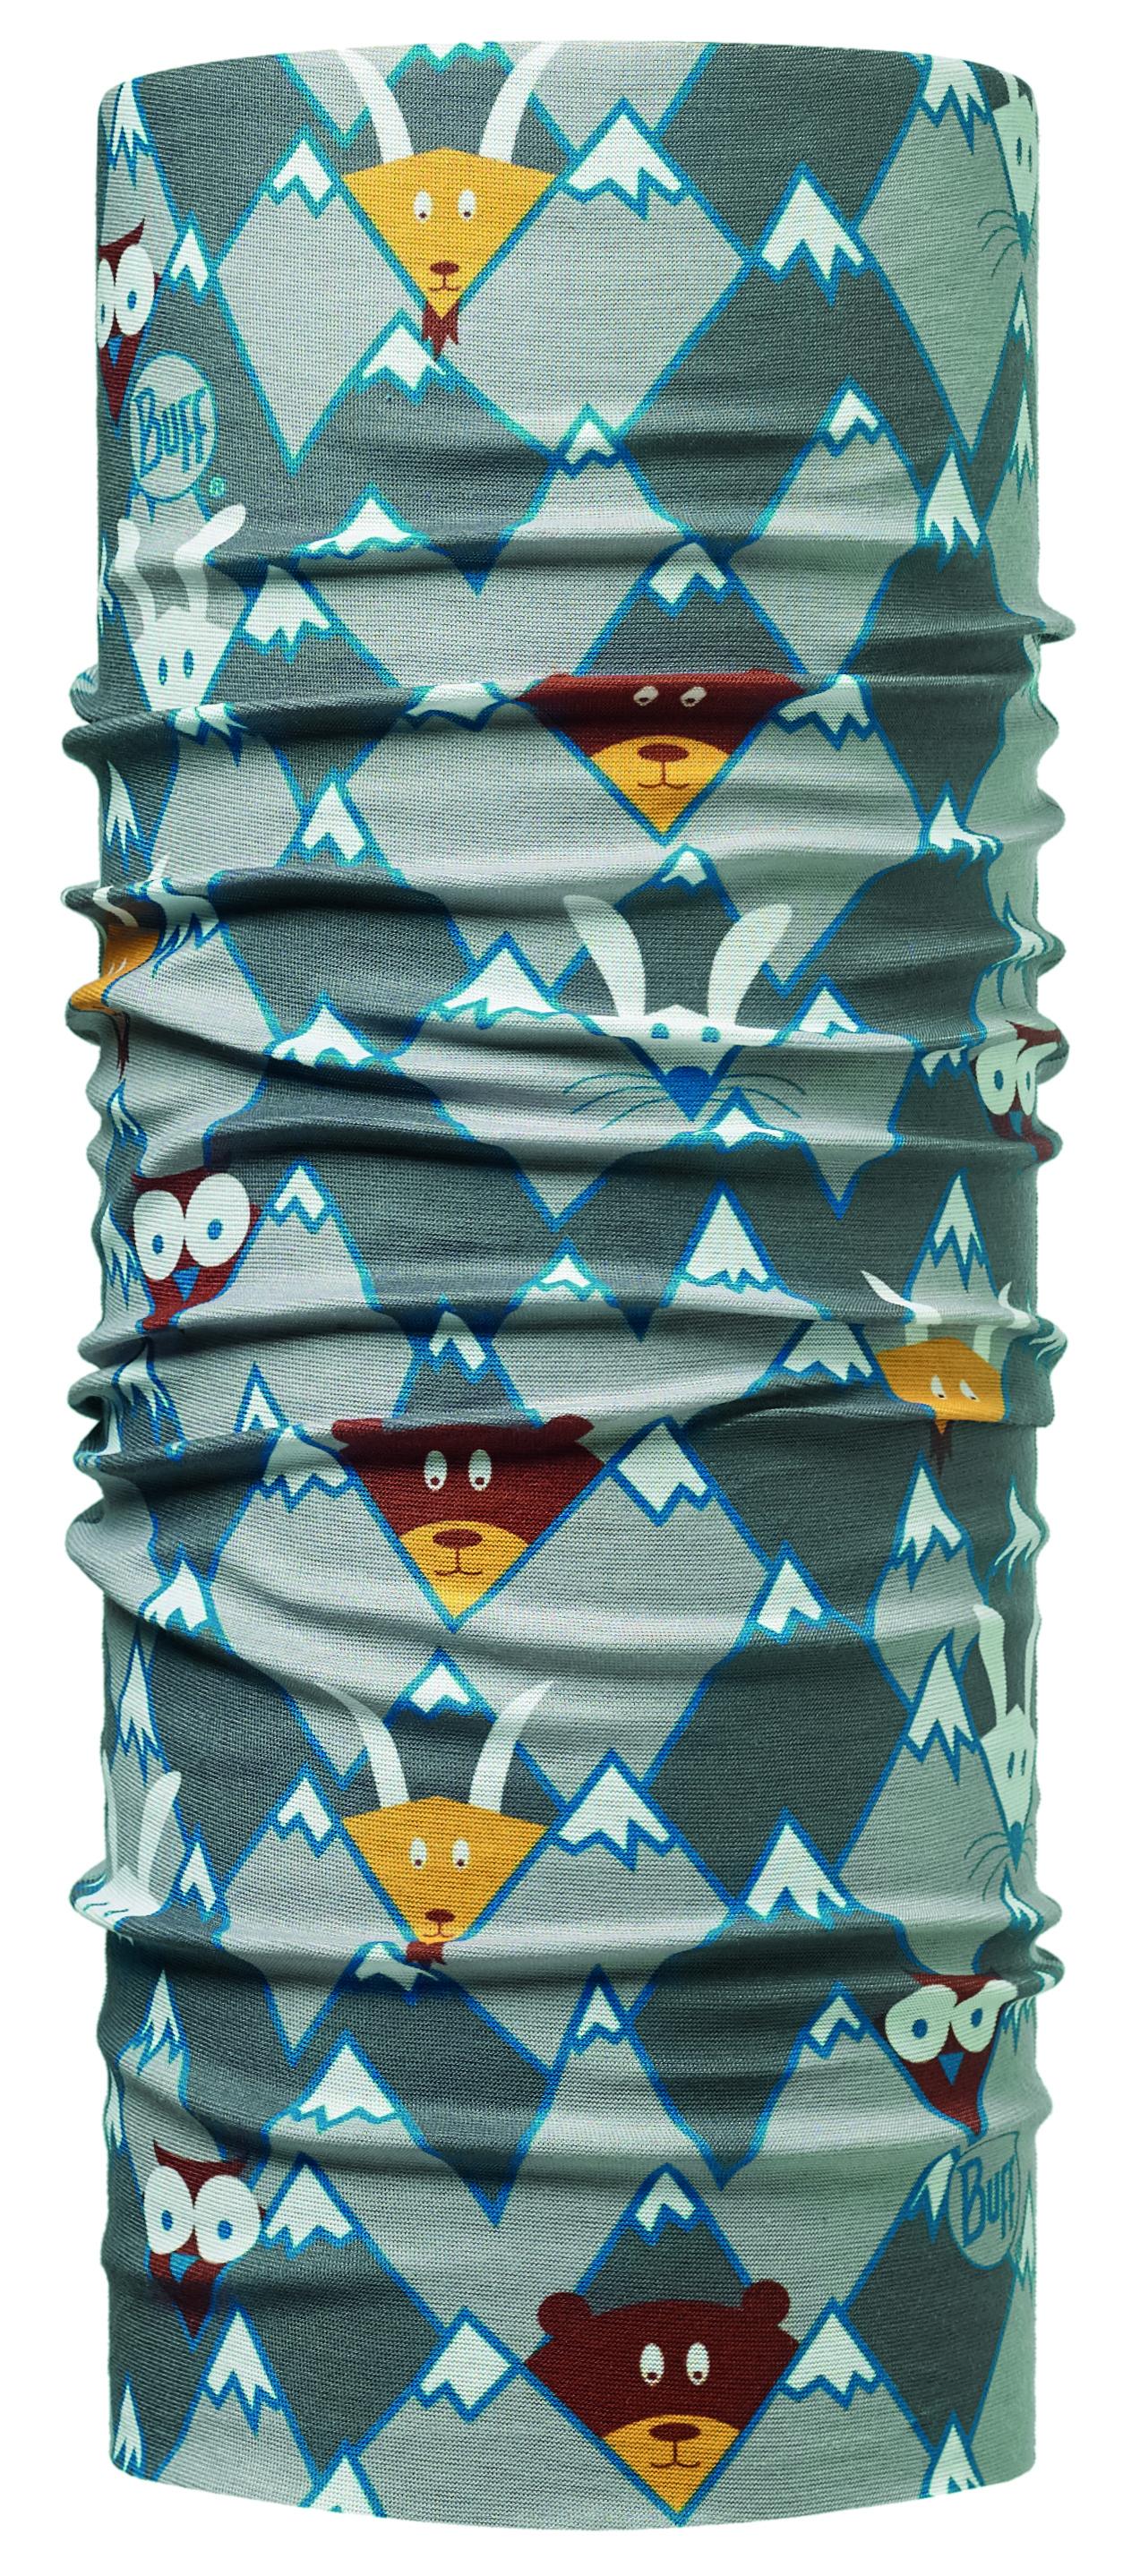 Бандана Buff Original Child Hidding Grey-Grey-Standard, цвет: серый. 113421.937.10.00. Размер универсальный113421.937.10.00Buff - это оригинальные, мультифункциональные, бесшовные головные уборы - удобные и комфортные для любого вида активного отдыха и спорта. Оригинальные, потому что Buff был и является первым в мире брендом мультифункциональных, бесшовных и универсальных головных уборов. Мультифункциональные, потому что их можно носить самыми разными способами: как шарф, как шапку, как балаклаву, косынку, бандану, маску, напульсник и многими другими - решает Ваша фантазия! Универсальный головной убор, который можно носить более чем двенадцатью способами, который можно использовать при занятии любым видом спорта, езде на велосипеде и мотоцикле, катаясь или бегая на лыжах, и даже как аксессуар в городской одежде. Бесшовные, благодаря эластичности, позволяющей использовать эти головные уборы как угодно и не беспокоиться о том, что кожа может быть натерта или раздражена швами.